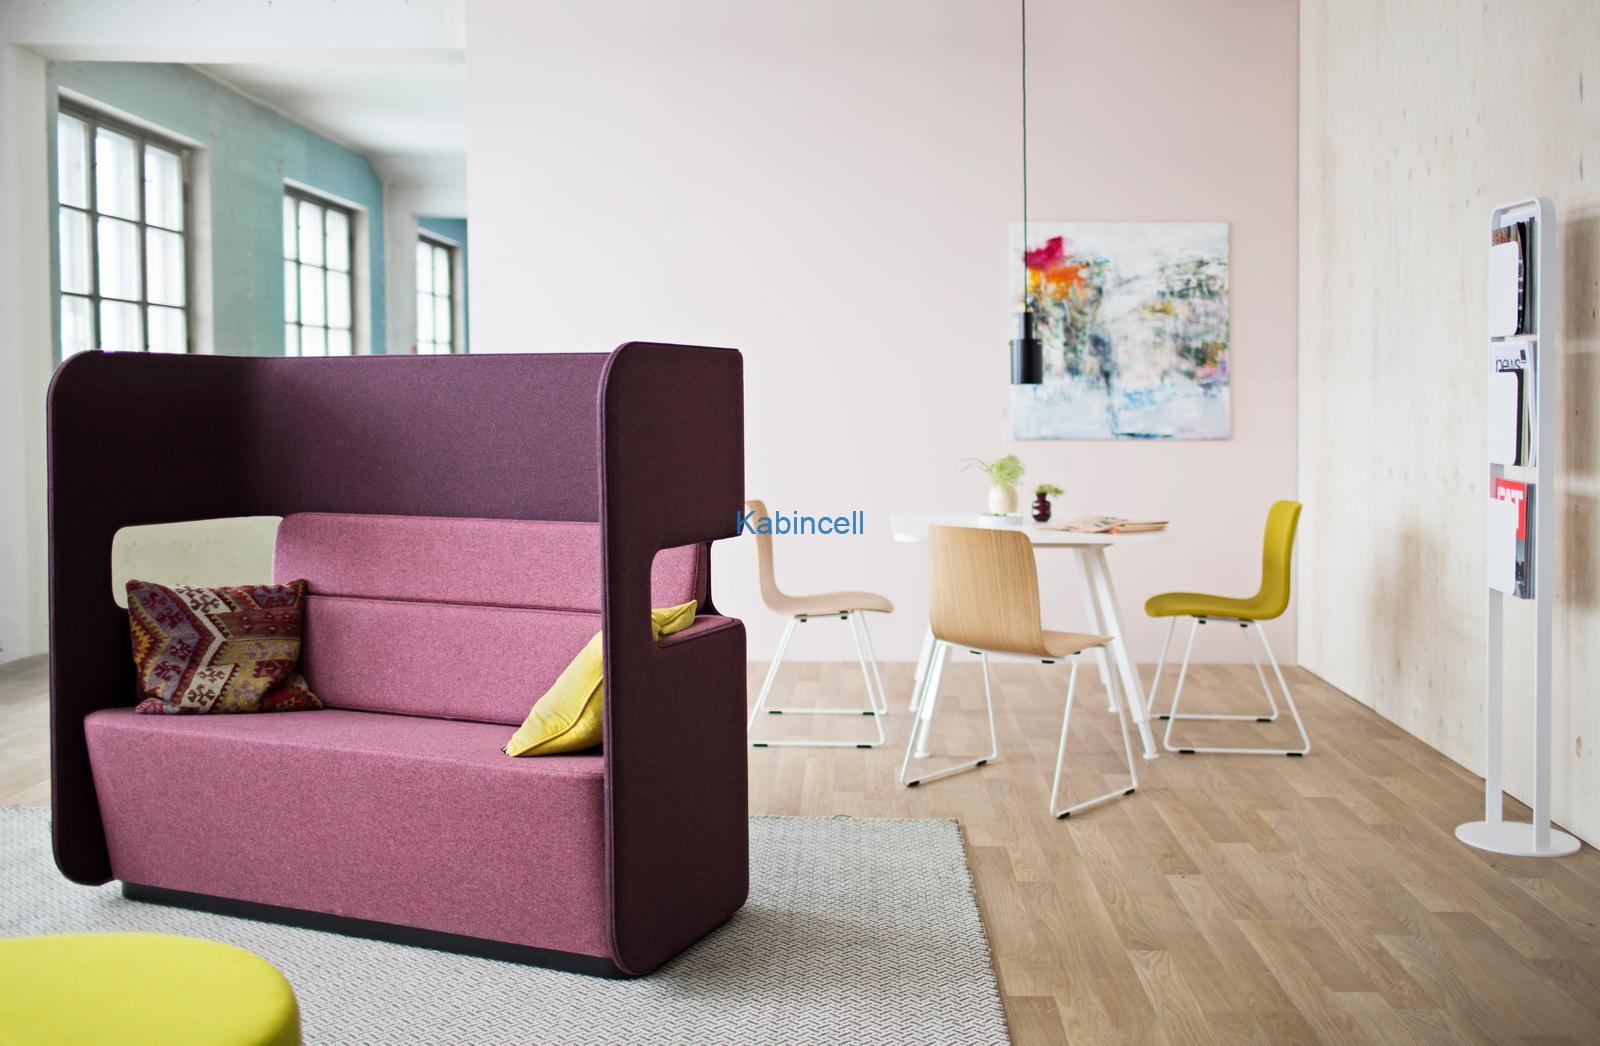 pod-seat-pod-sofa-akustik-ofis-koltugu517